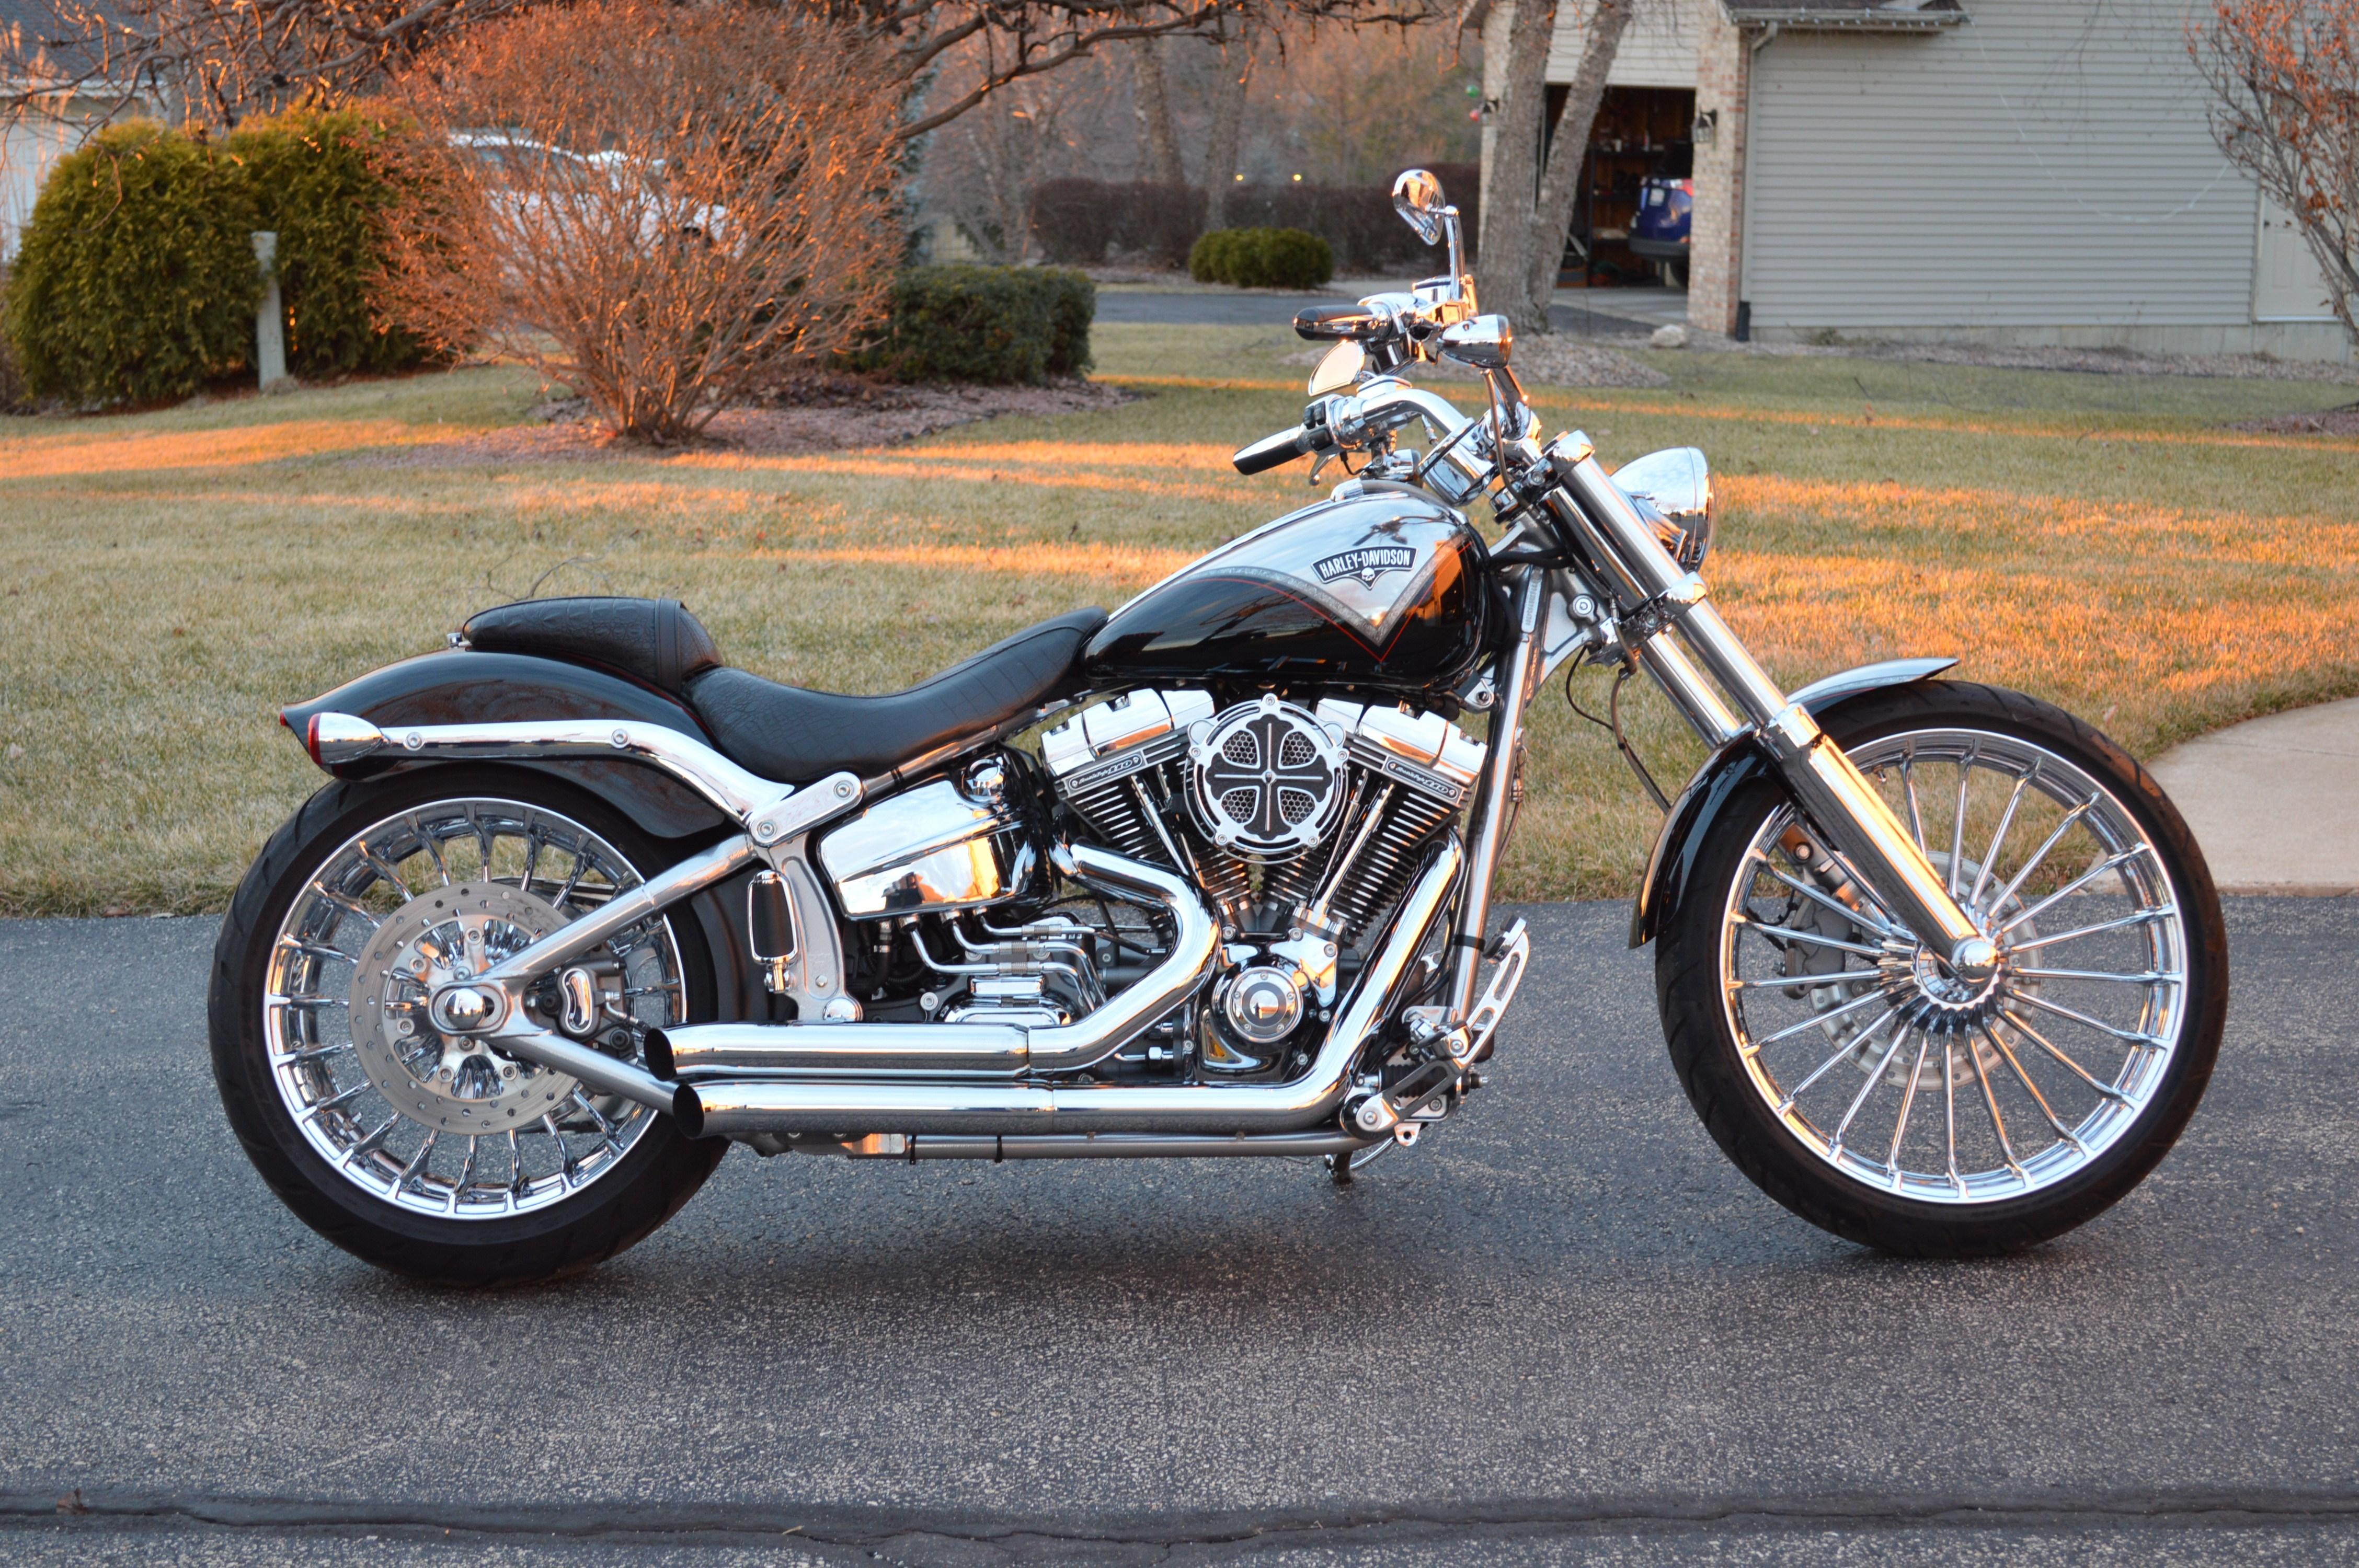 harley davidson cvo breakout for sale 109 bikes page 1 chopperexchange. Black Bedroom Furniture Sets. Home Design Ideas